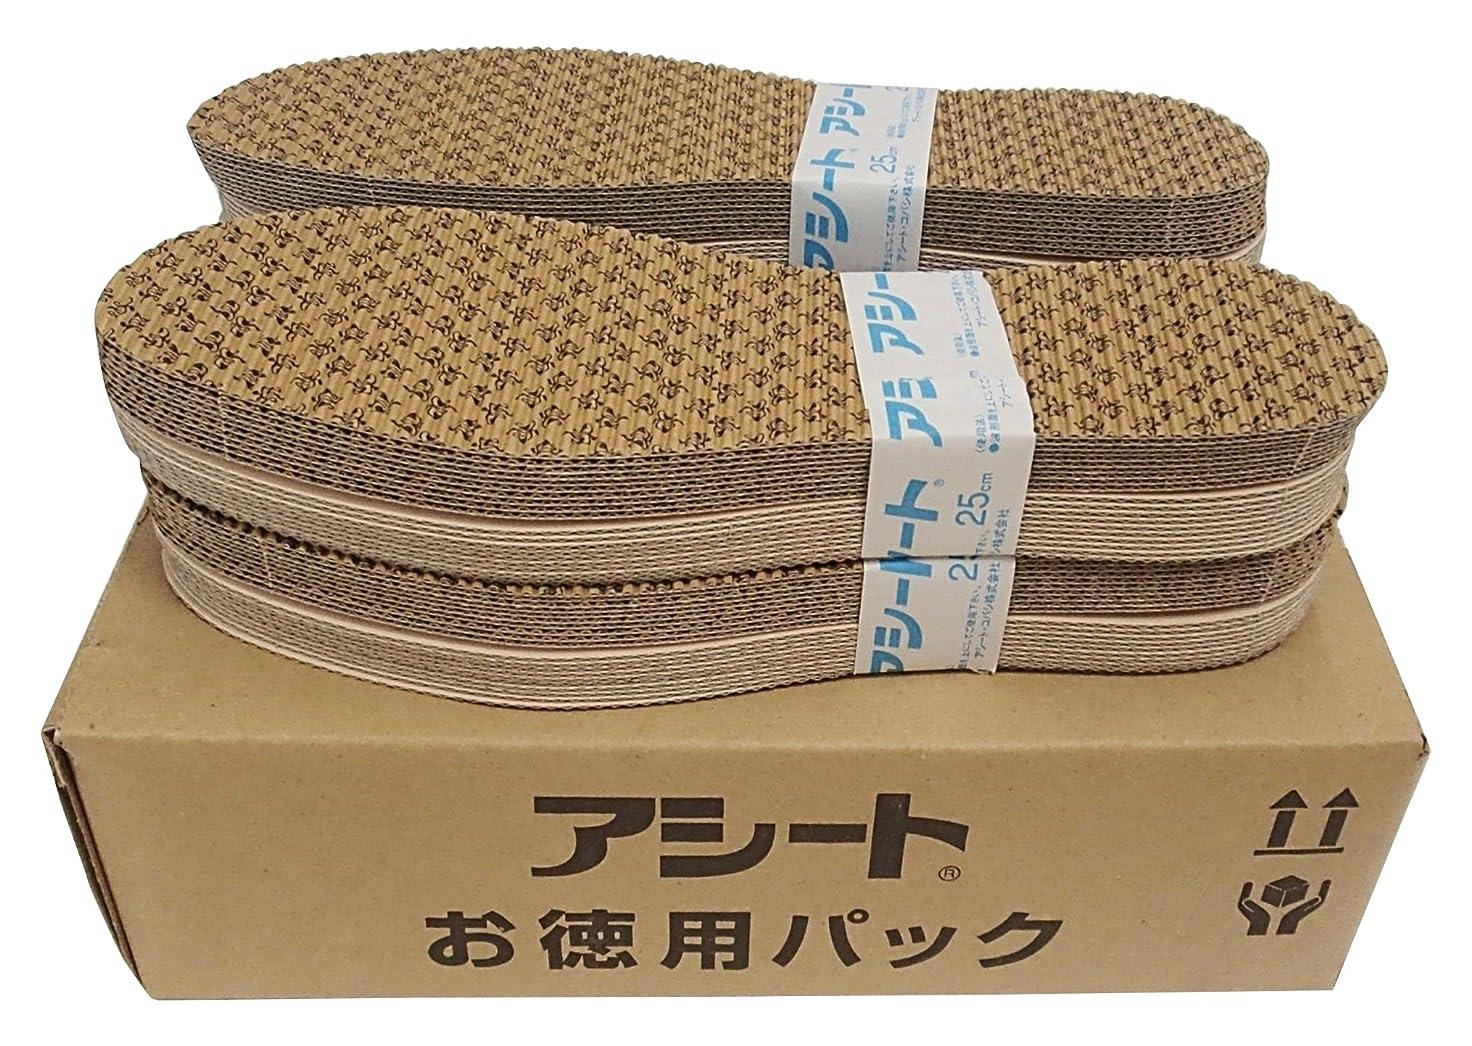 道徳教育交じるターゲットお徳用タイプのアシートOタイプ40足入 (25.5~26cm 男性靴用)